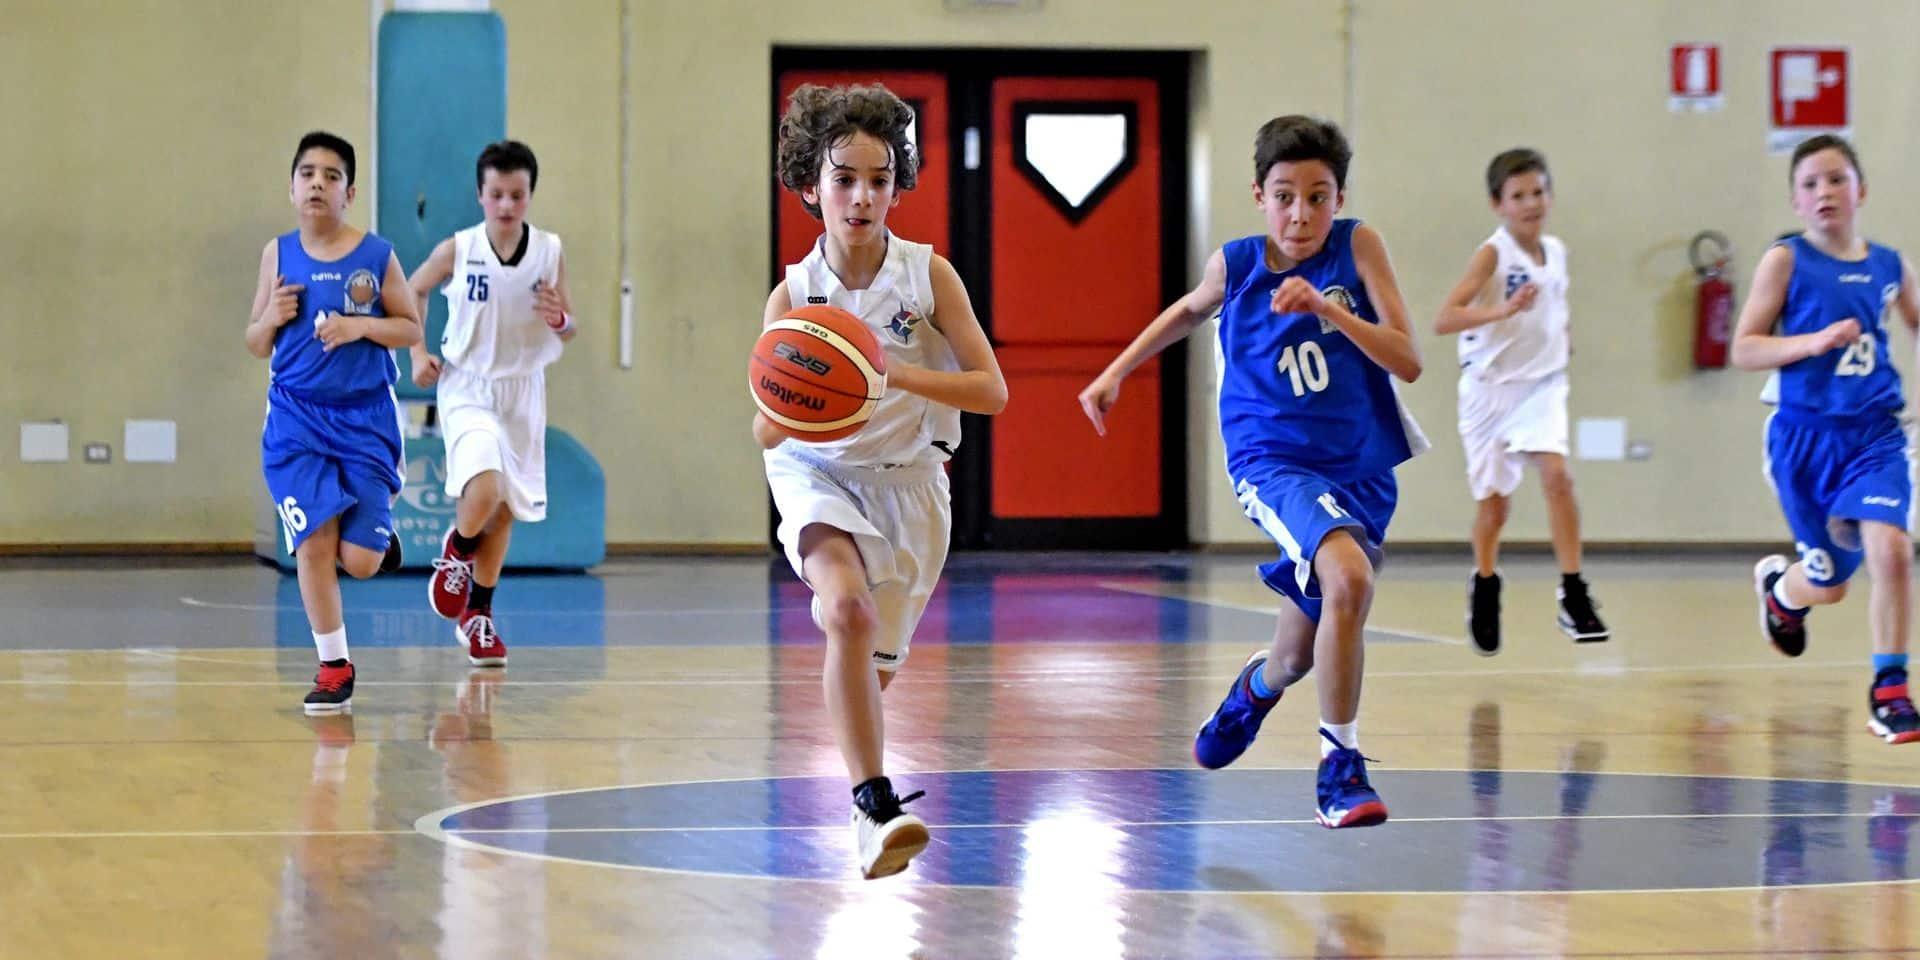 Nouveau changement: le sport indoor en club pour les moins de 13 ans à nouveau autorisé